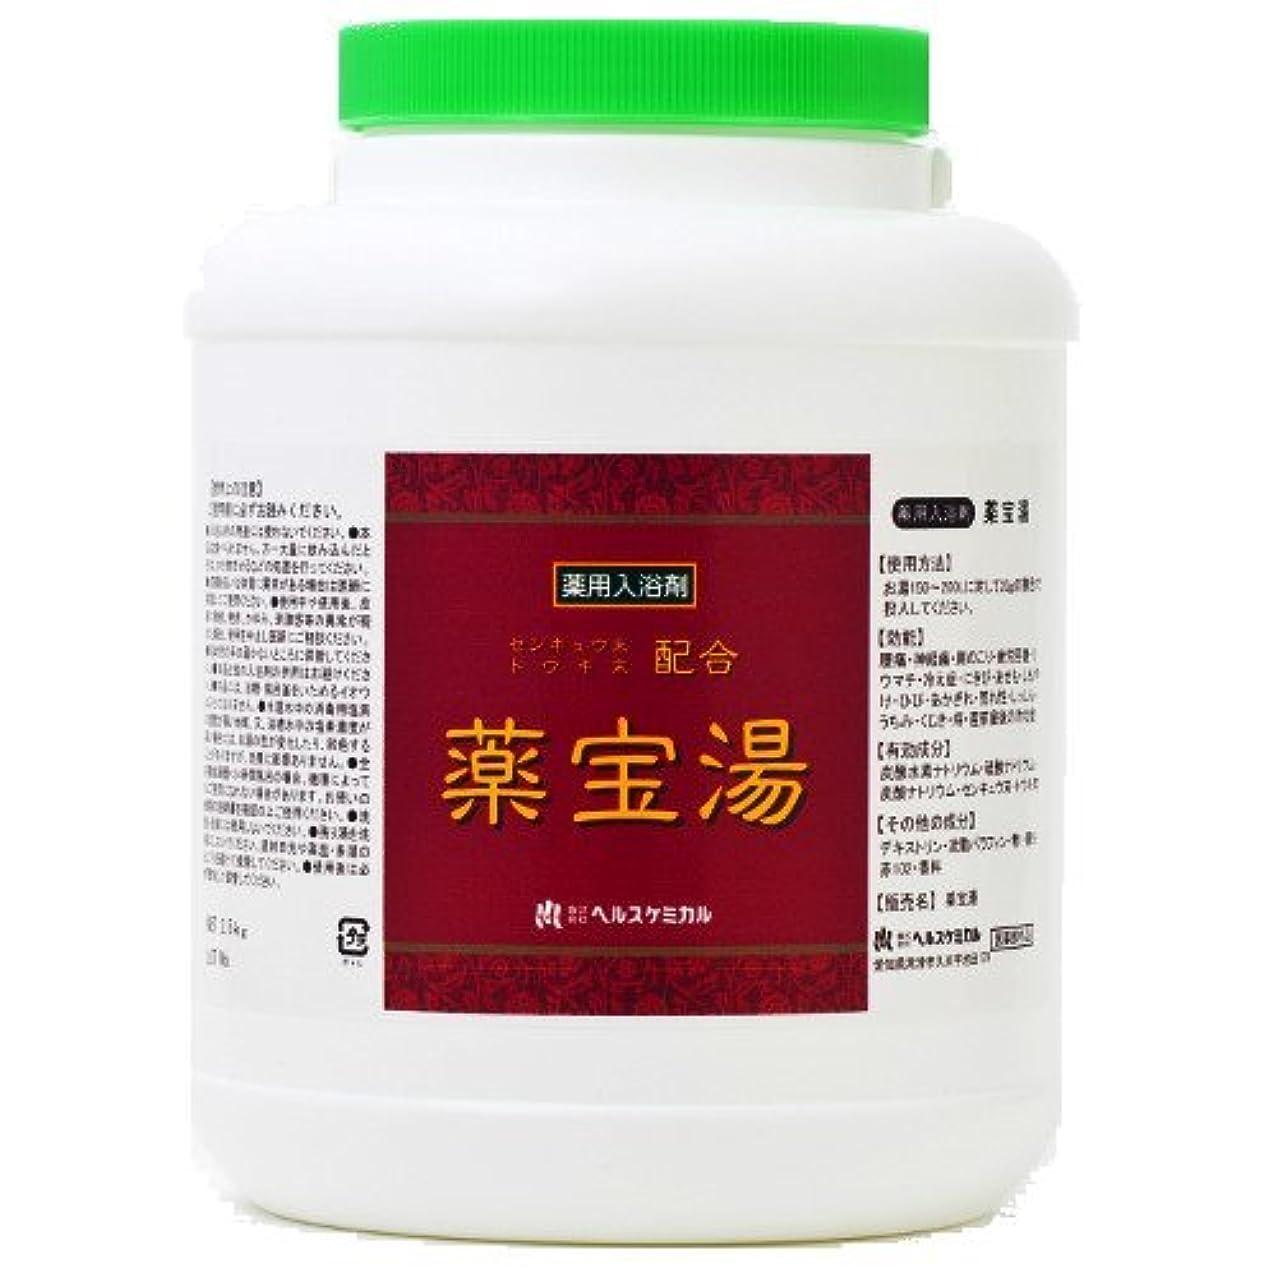 元気毒満員薬宝湯 やくほうとう 医薬部外品 天然生薬 の 香り 粉末 入浴剤 高麗人参 エキス 配合 (2.5kg (約125回分))